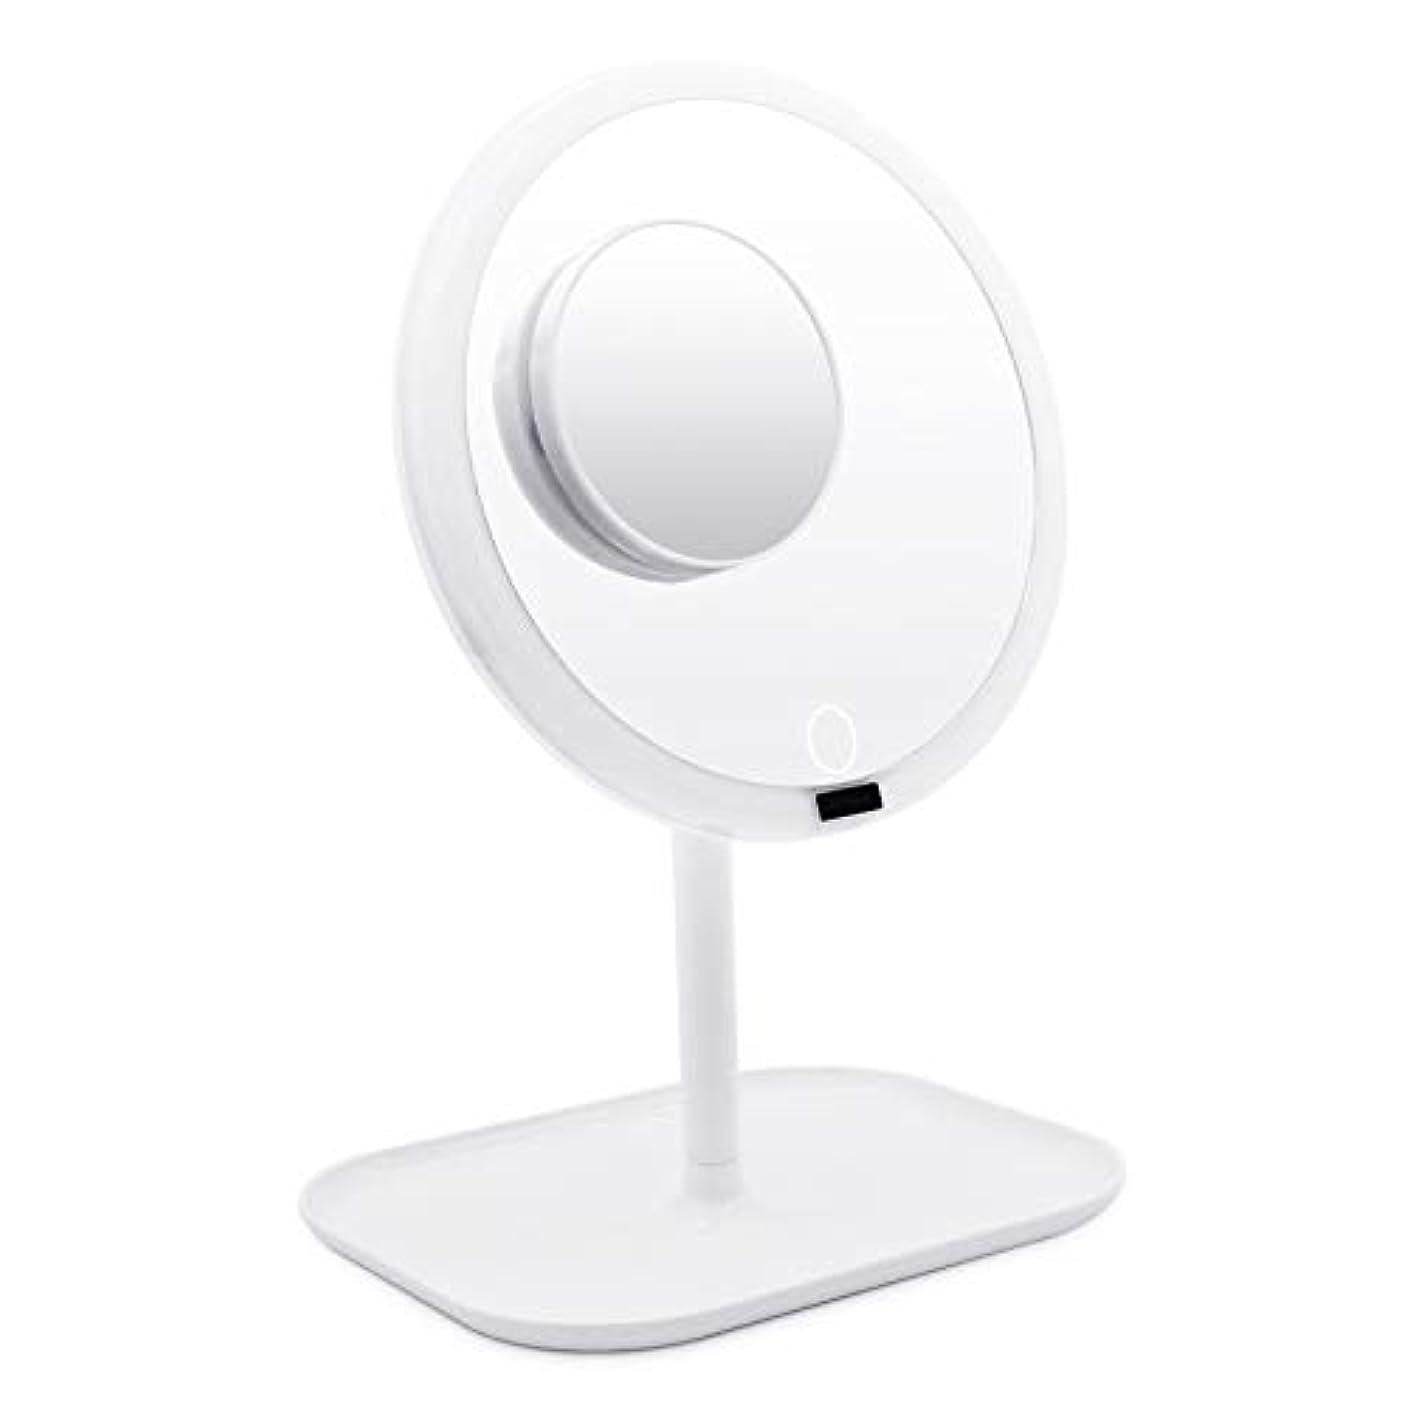 計算する個人スカウトAMZTOLIFE 化粧鏡 鏡 卓上ミラー 女優ミラー スタンドミラー「ledライト付き 人感センサー搭載 無階段明るさ調節可能 360度回転 USB充電式」直径20.3cm …